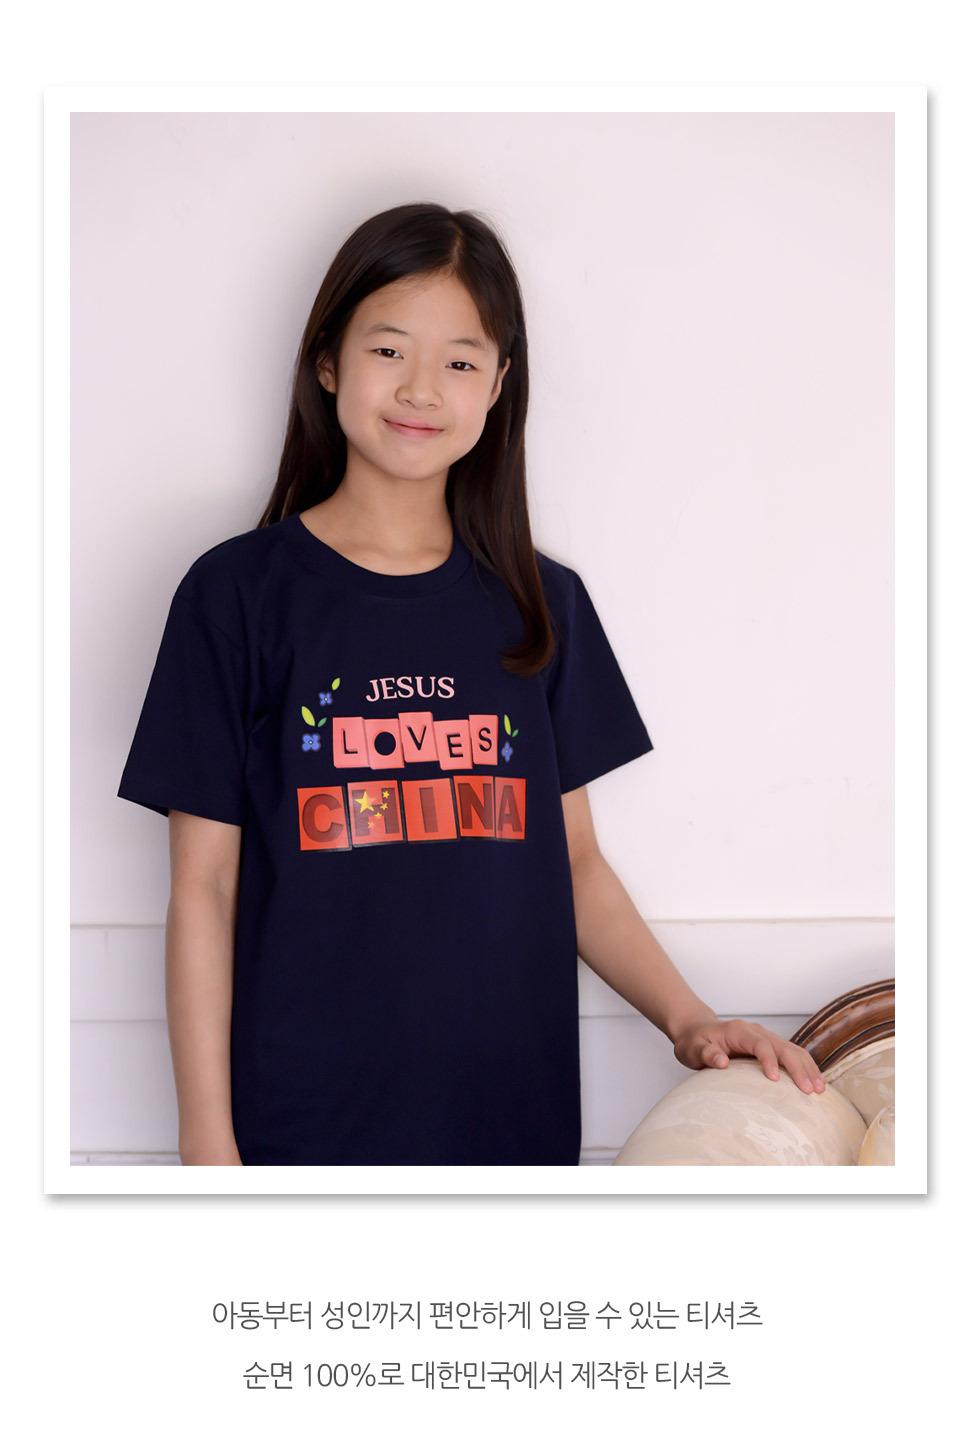 교회 단체티셔츠 중국 선교티 (Jesus loves China) - 미션트립 단체티셔츠 아동티셔츠(중국선교)